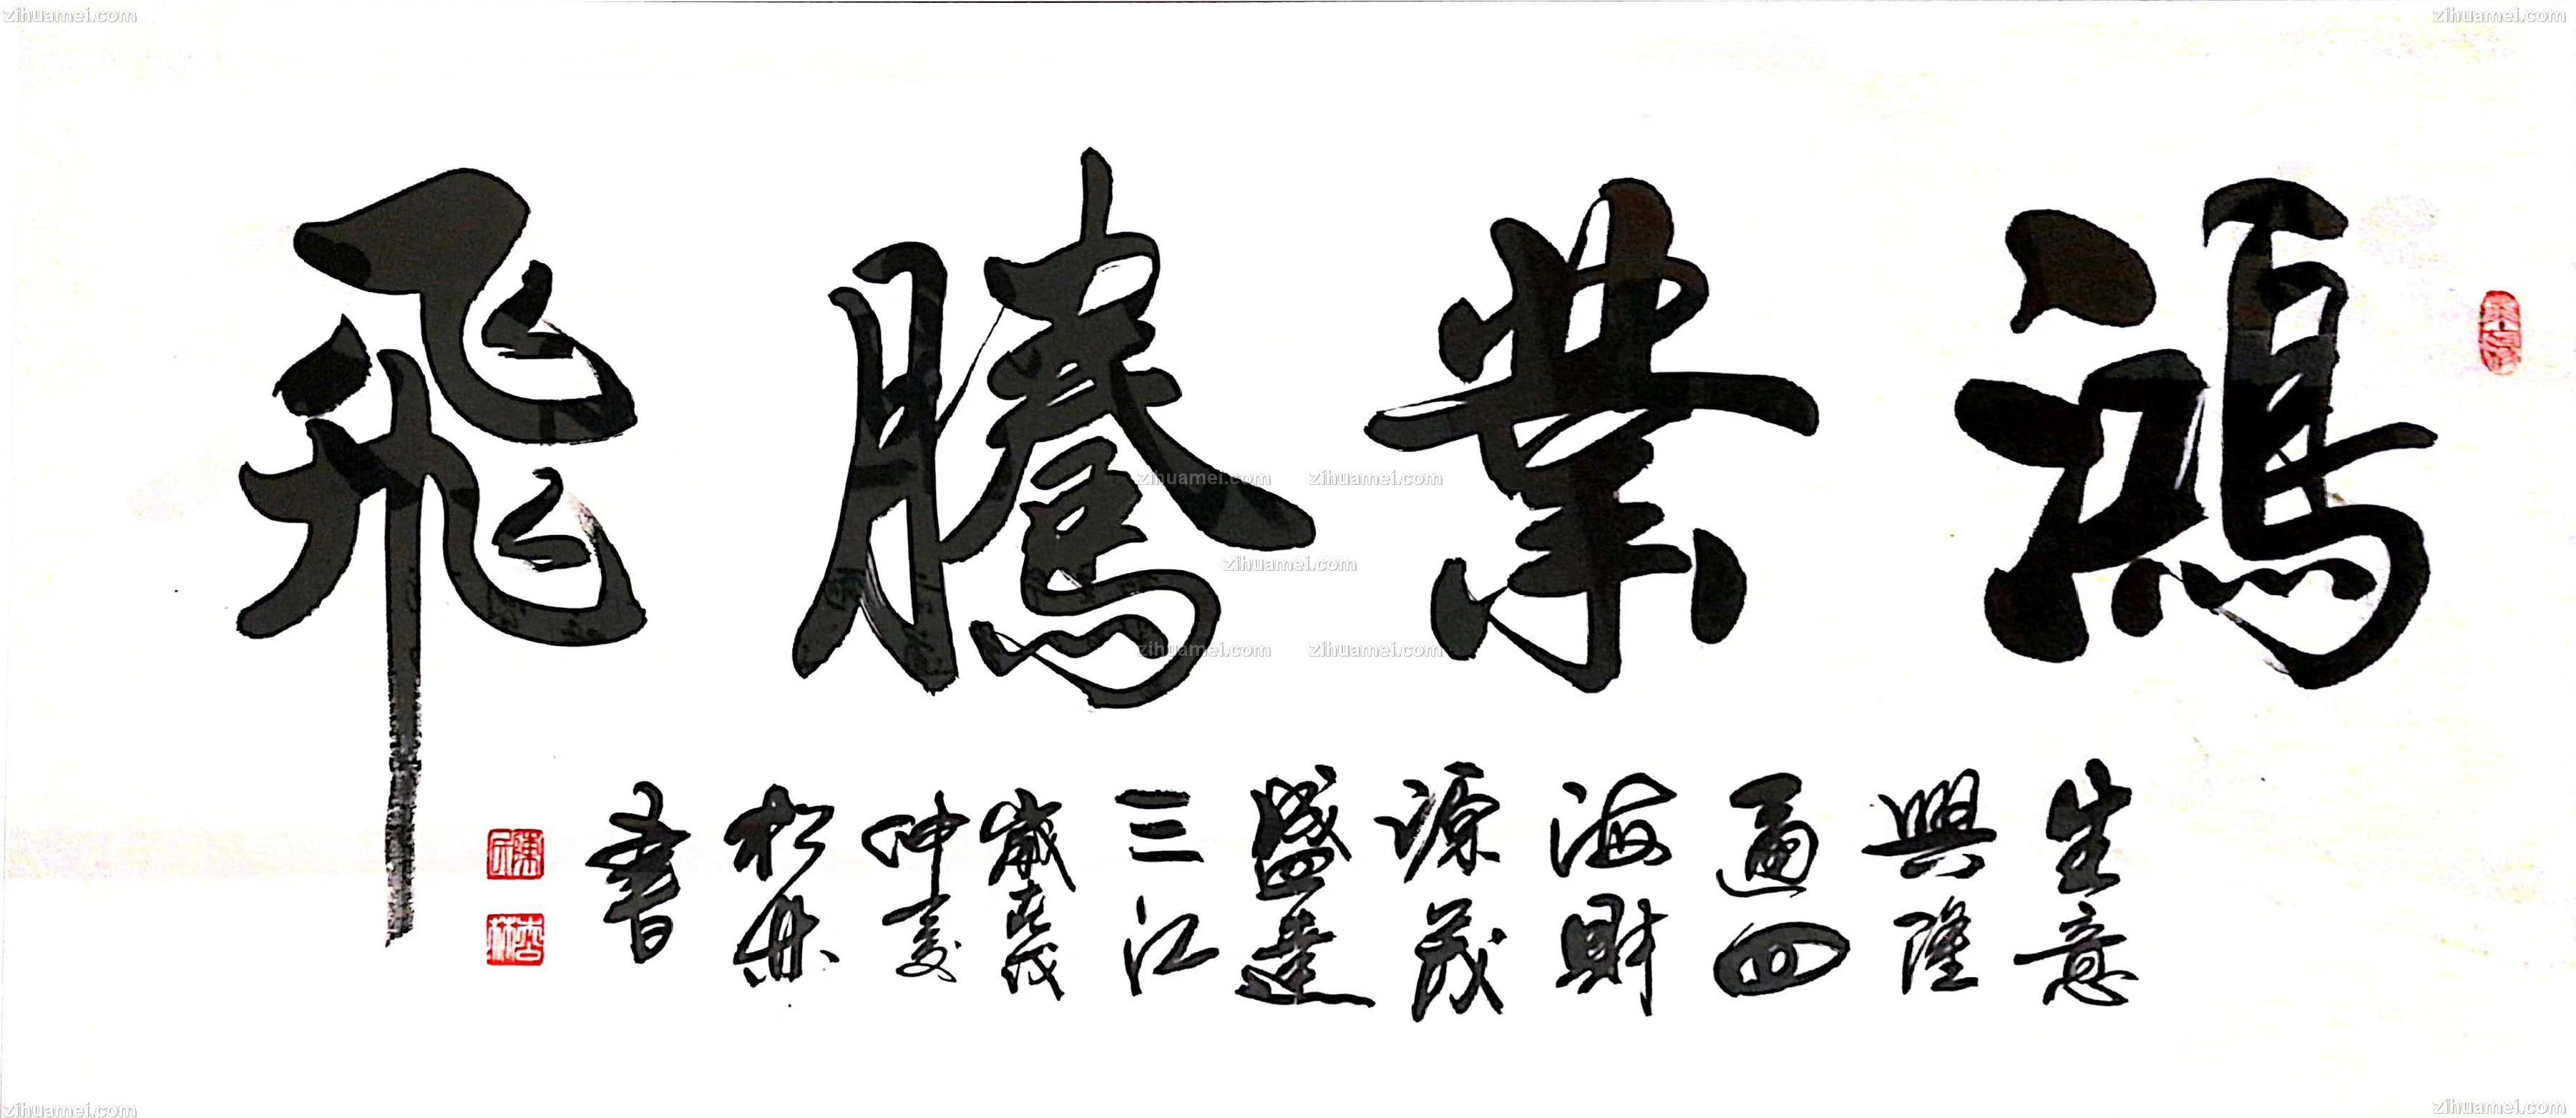 www.zihuamei.com陈松林 鸿业腾飞